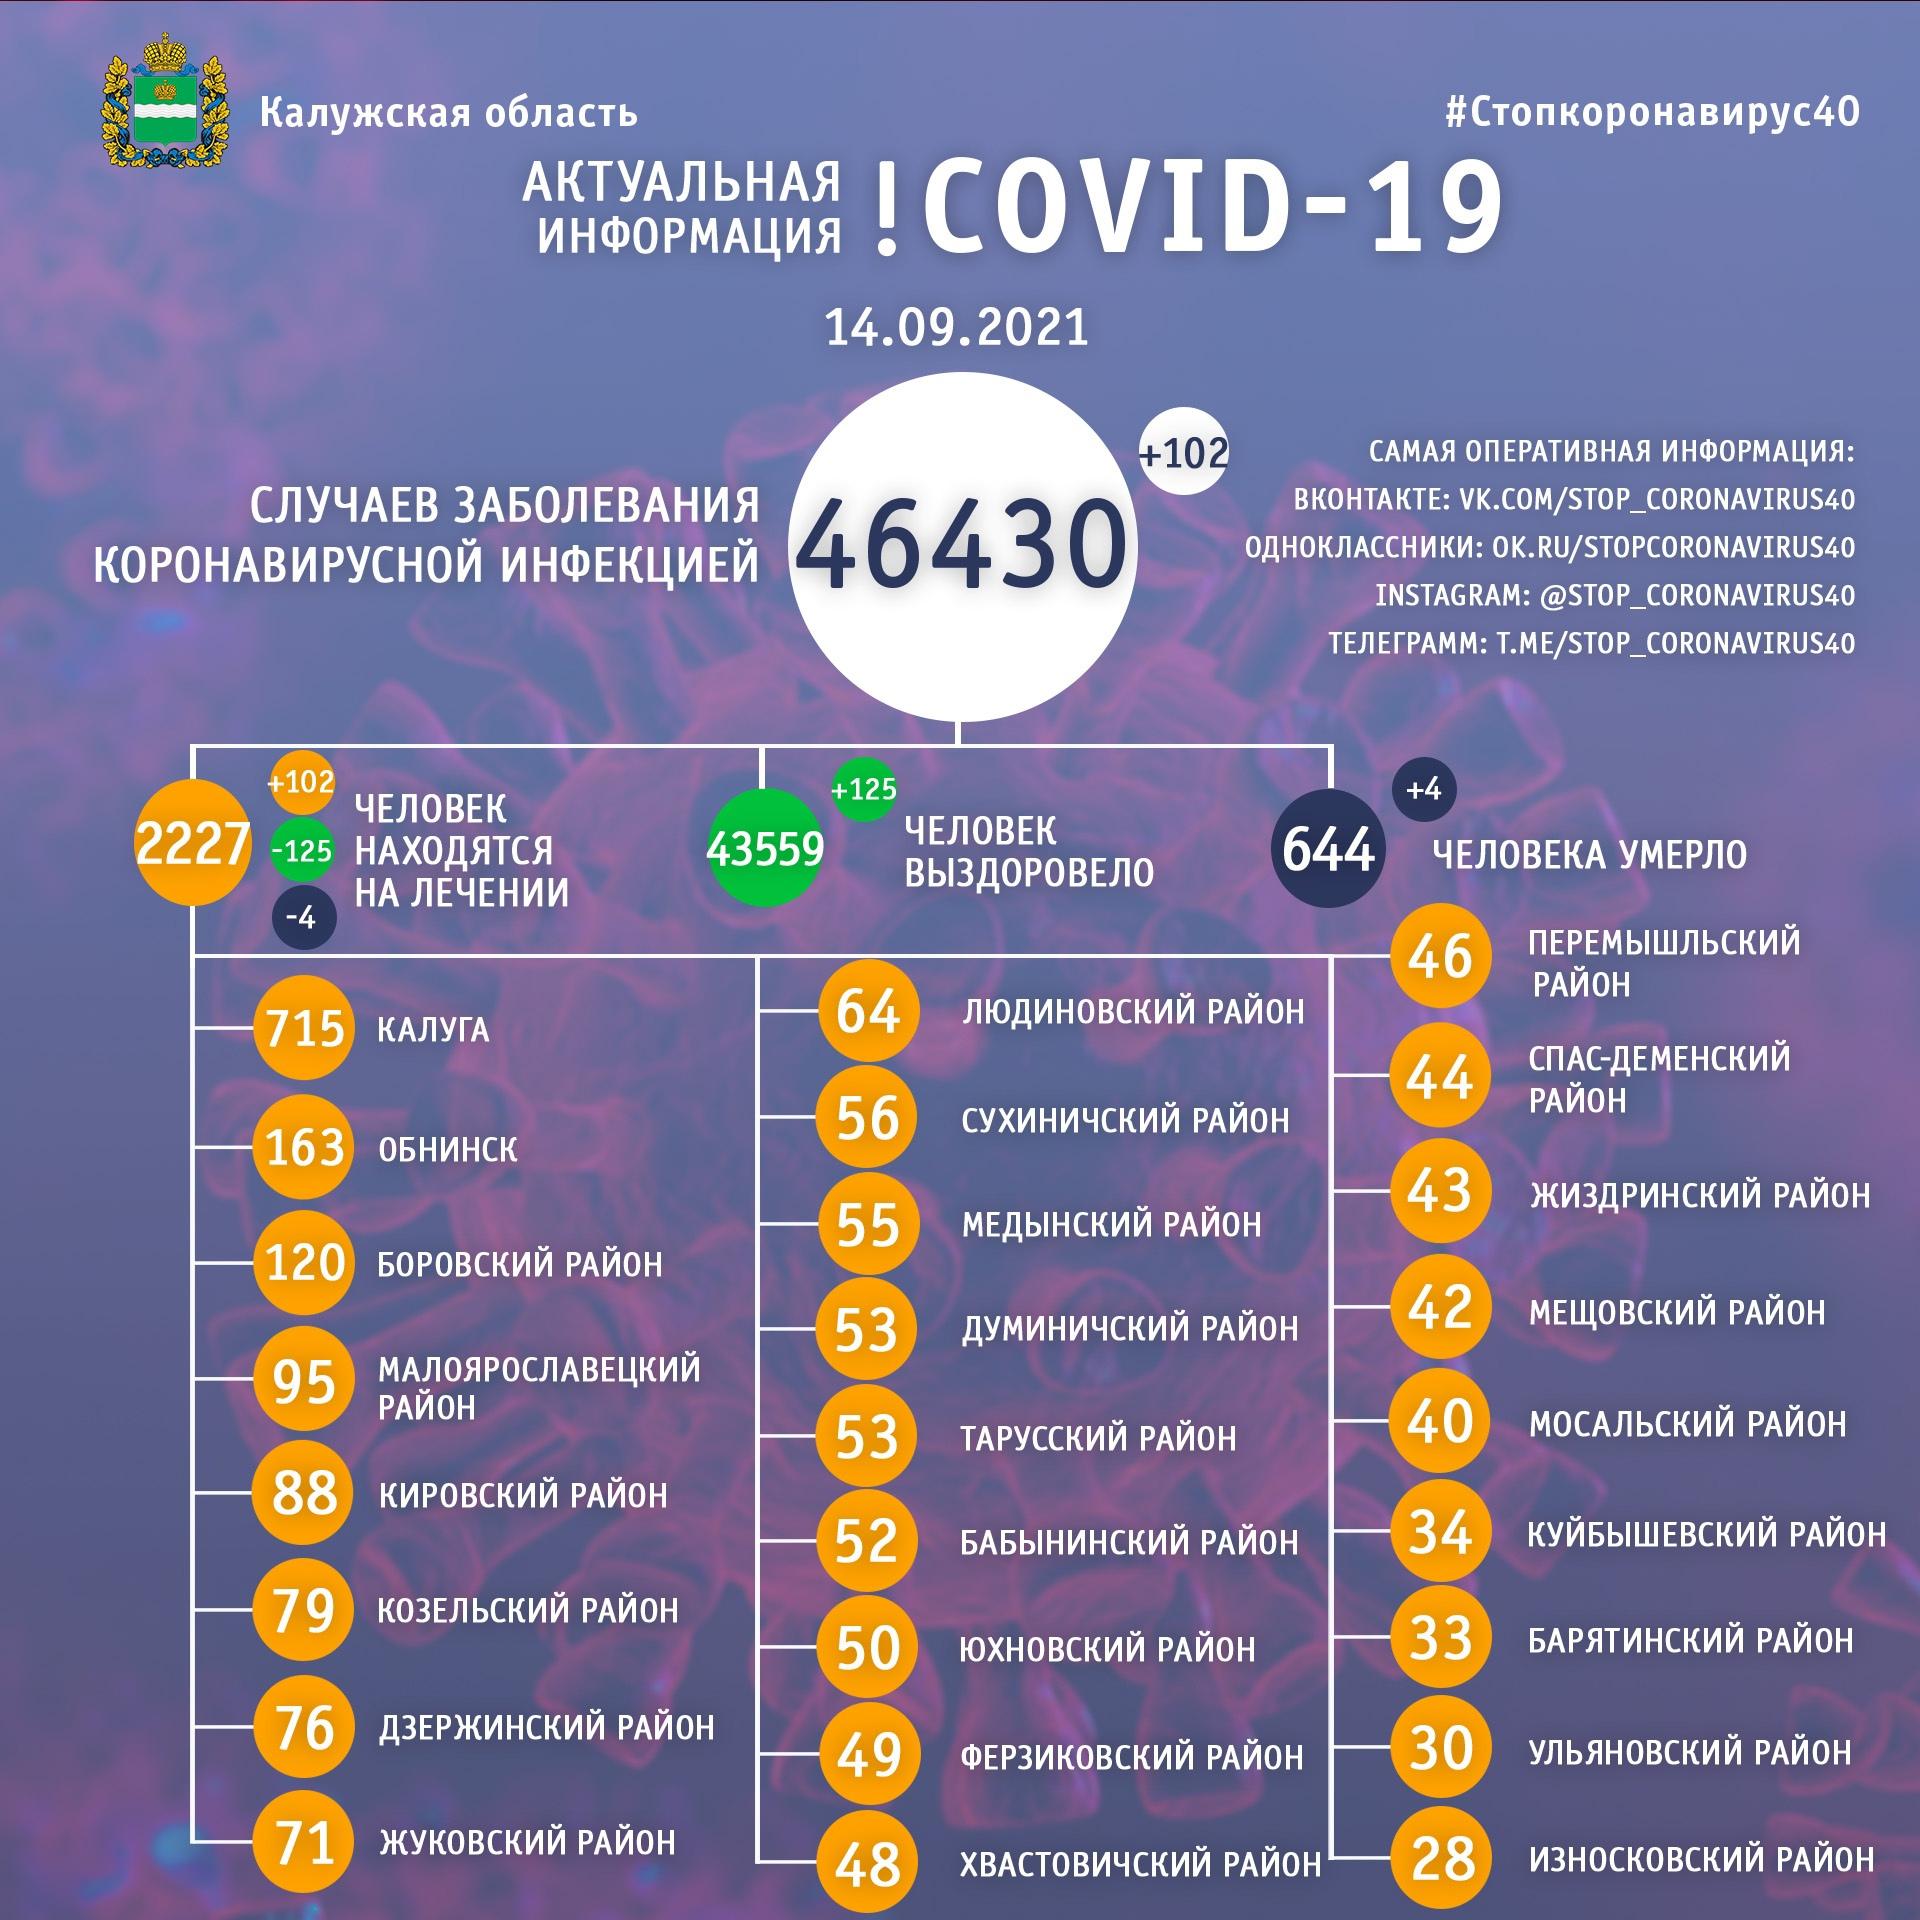 Официальная статистика по коронавирусу в Калужской области на 14 сентября 2021 года.